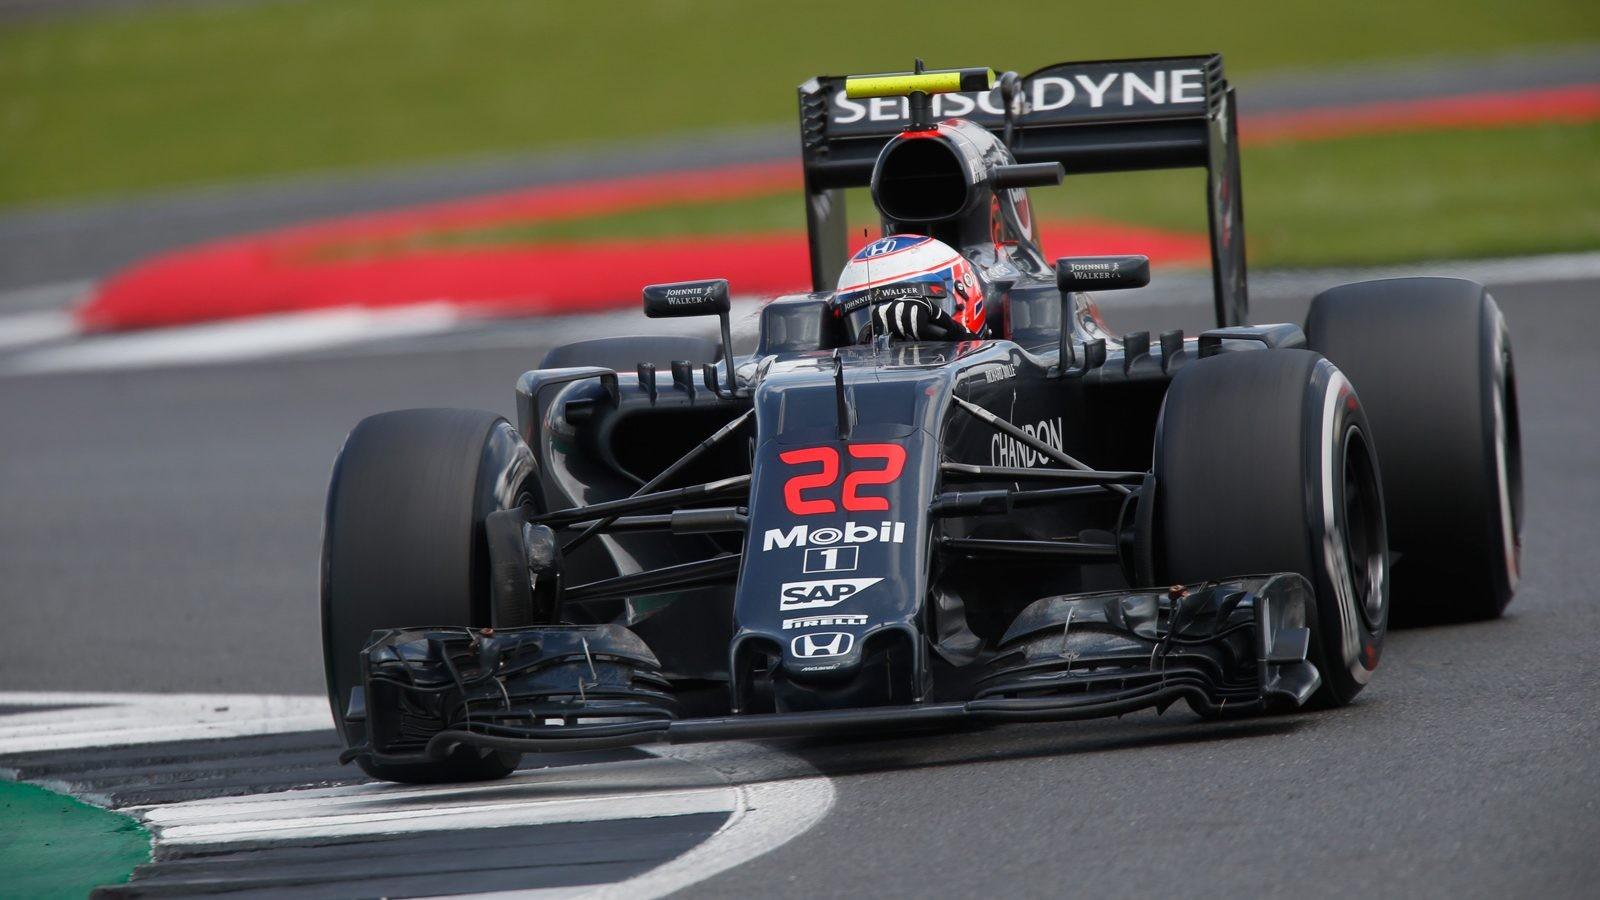 По мнению пилотов McLaren, трасса в Венгрии хорошо подходит для их машин